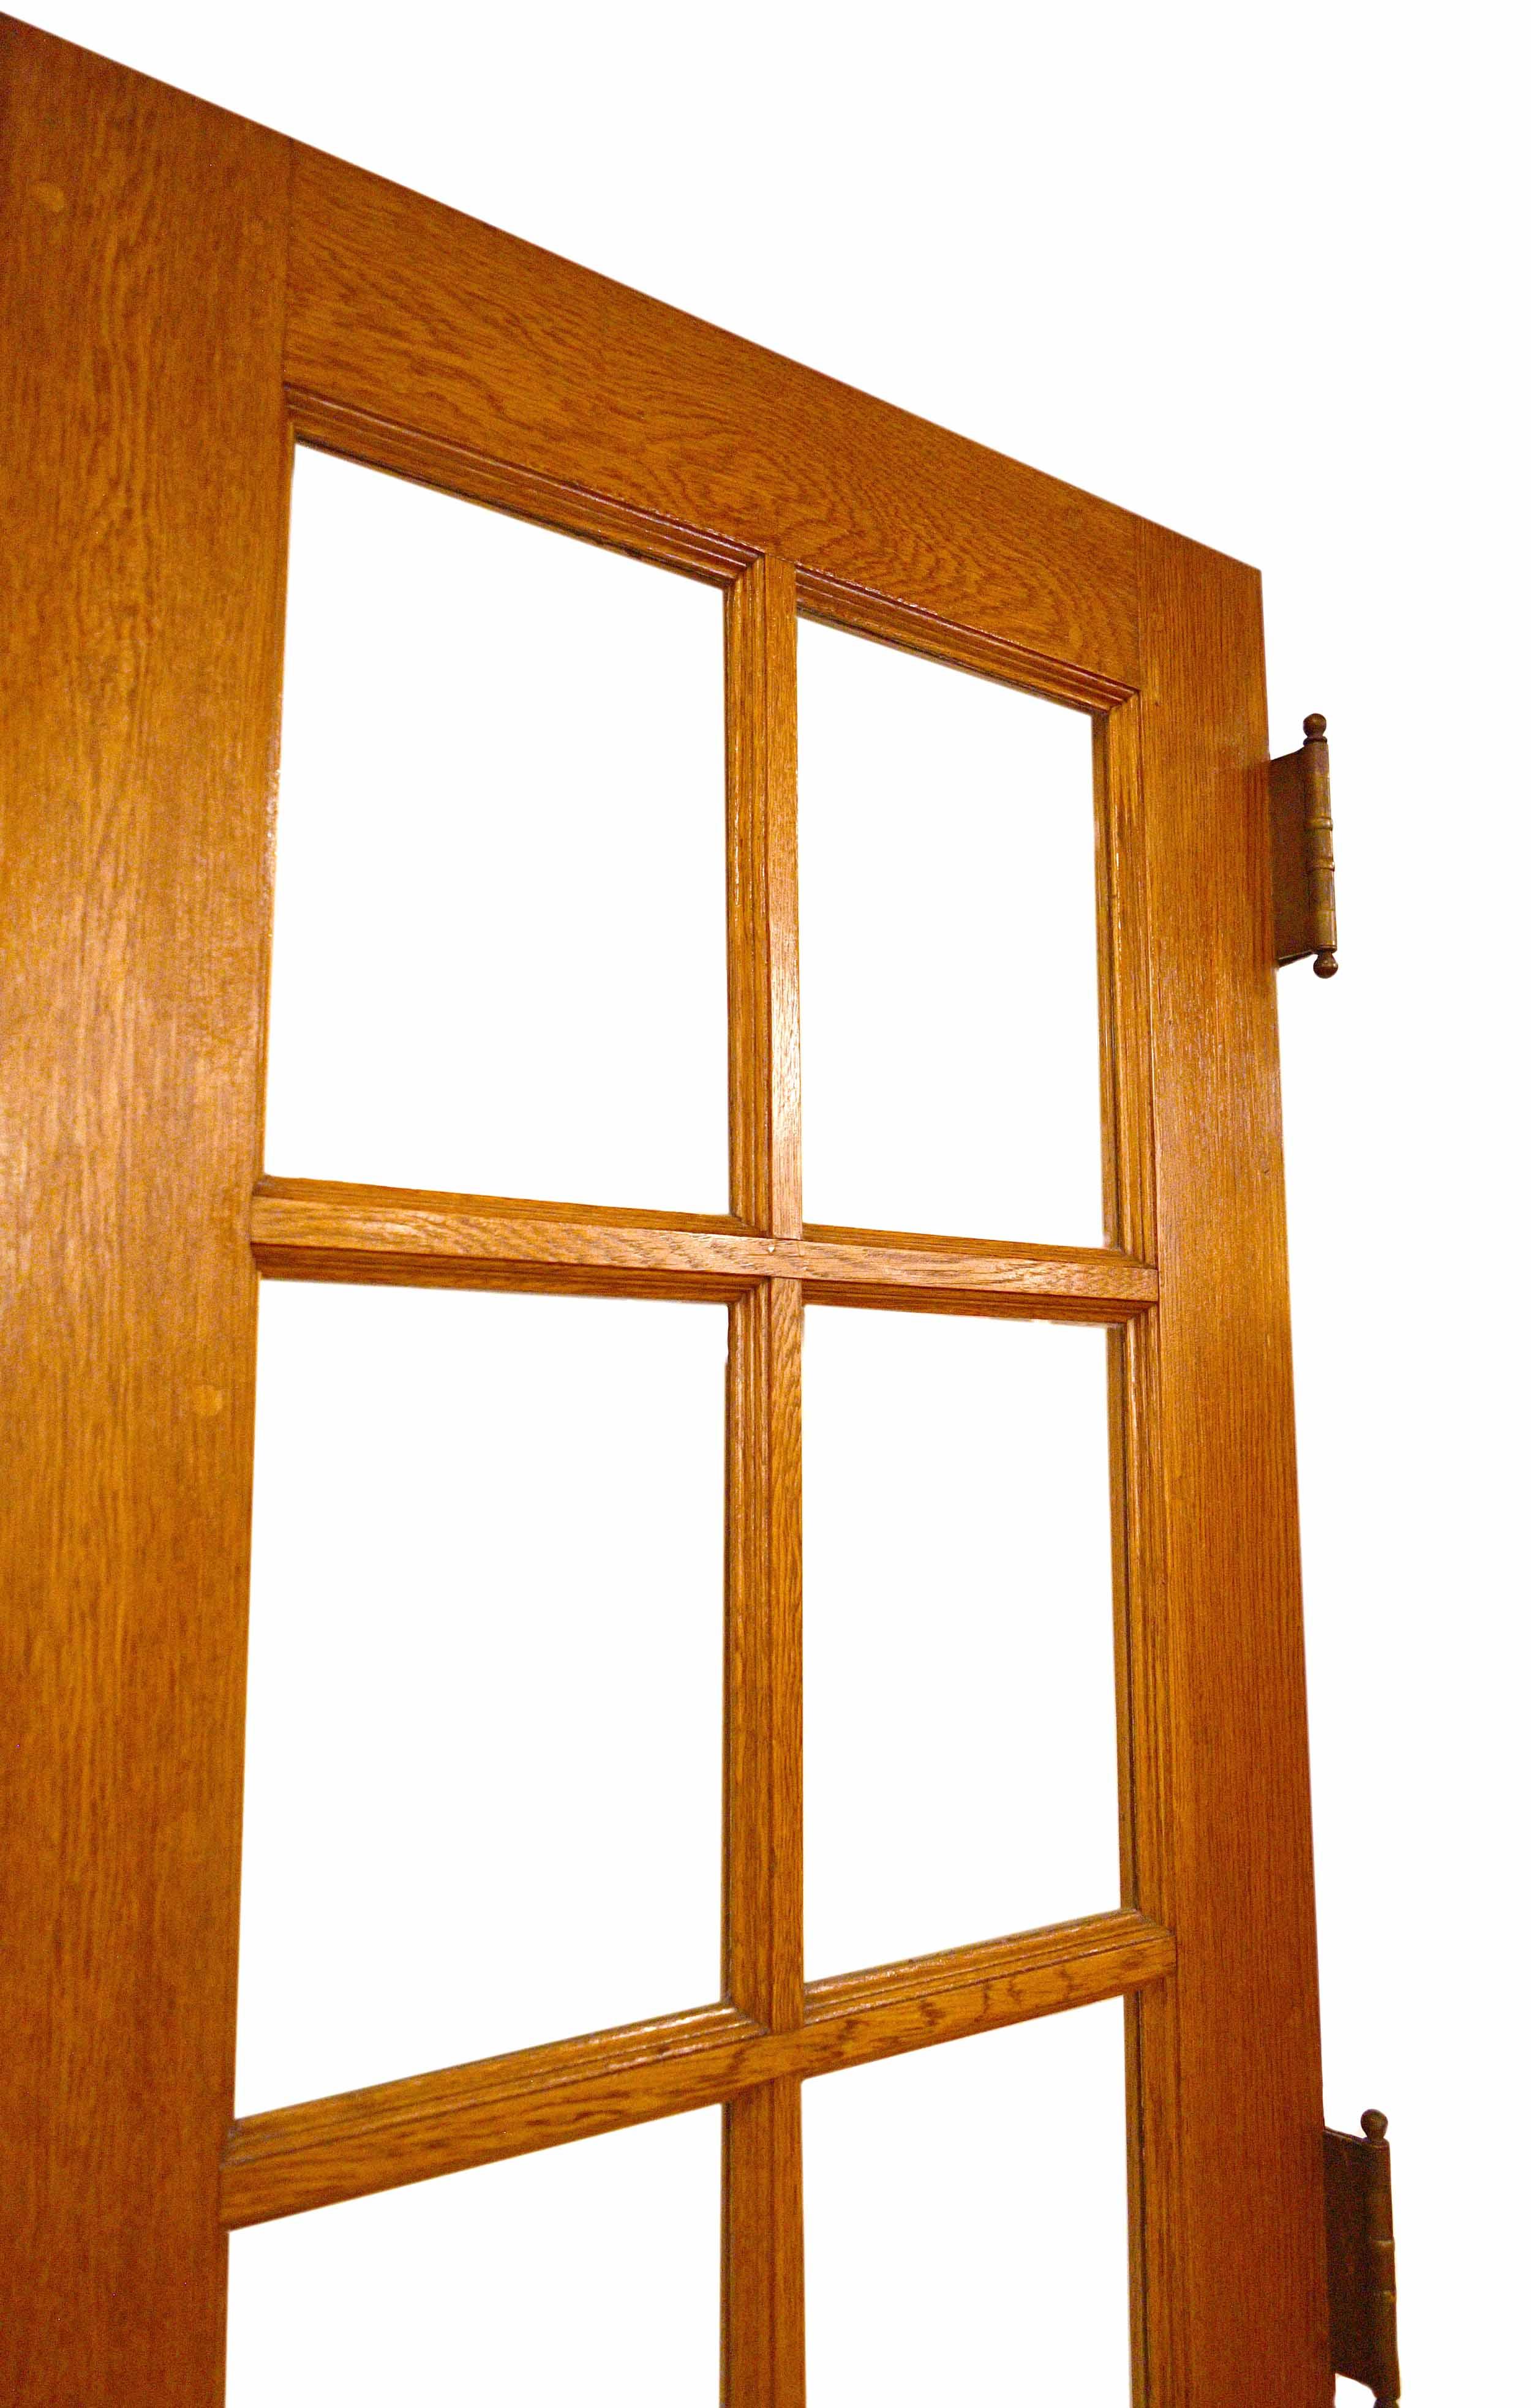 48407-oak-double-door-8-lite-clear-glass-side-view-2.jpg